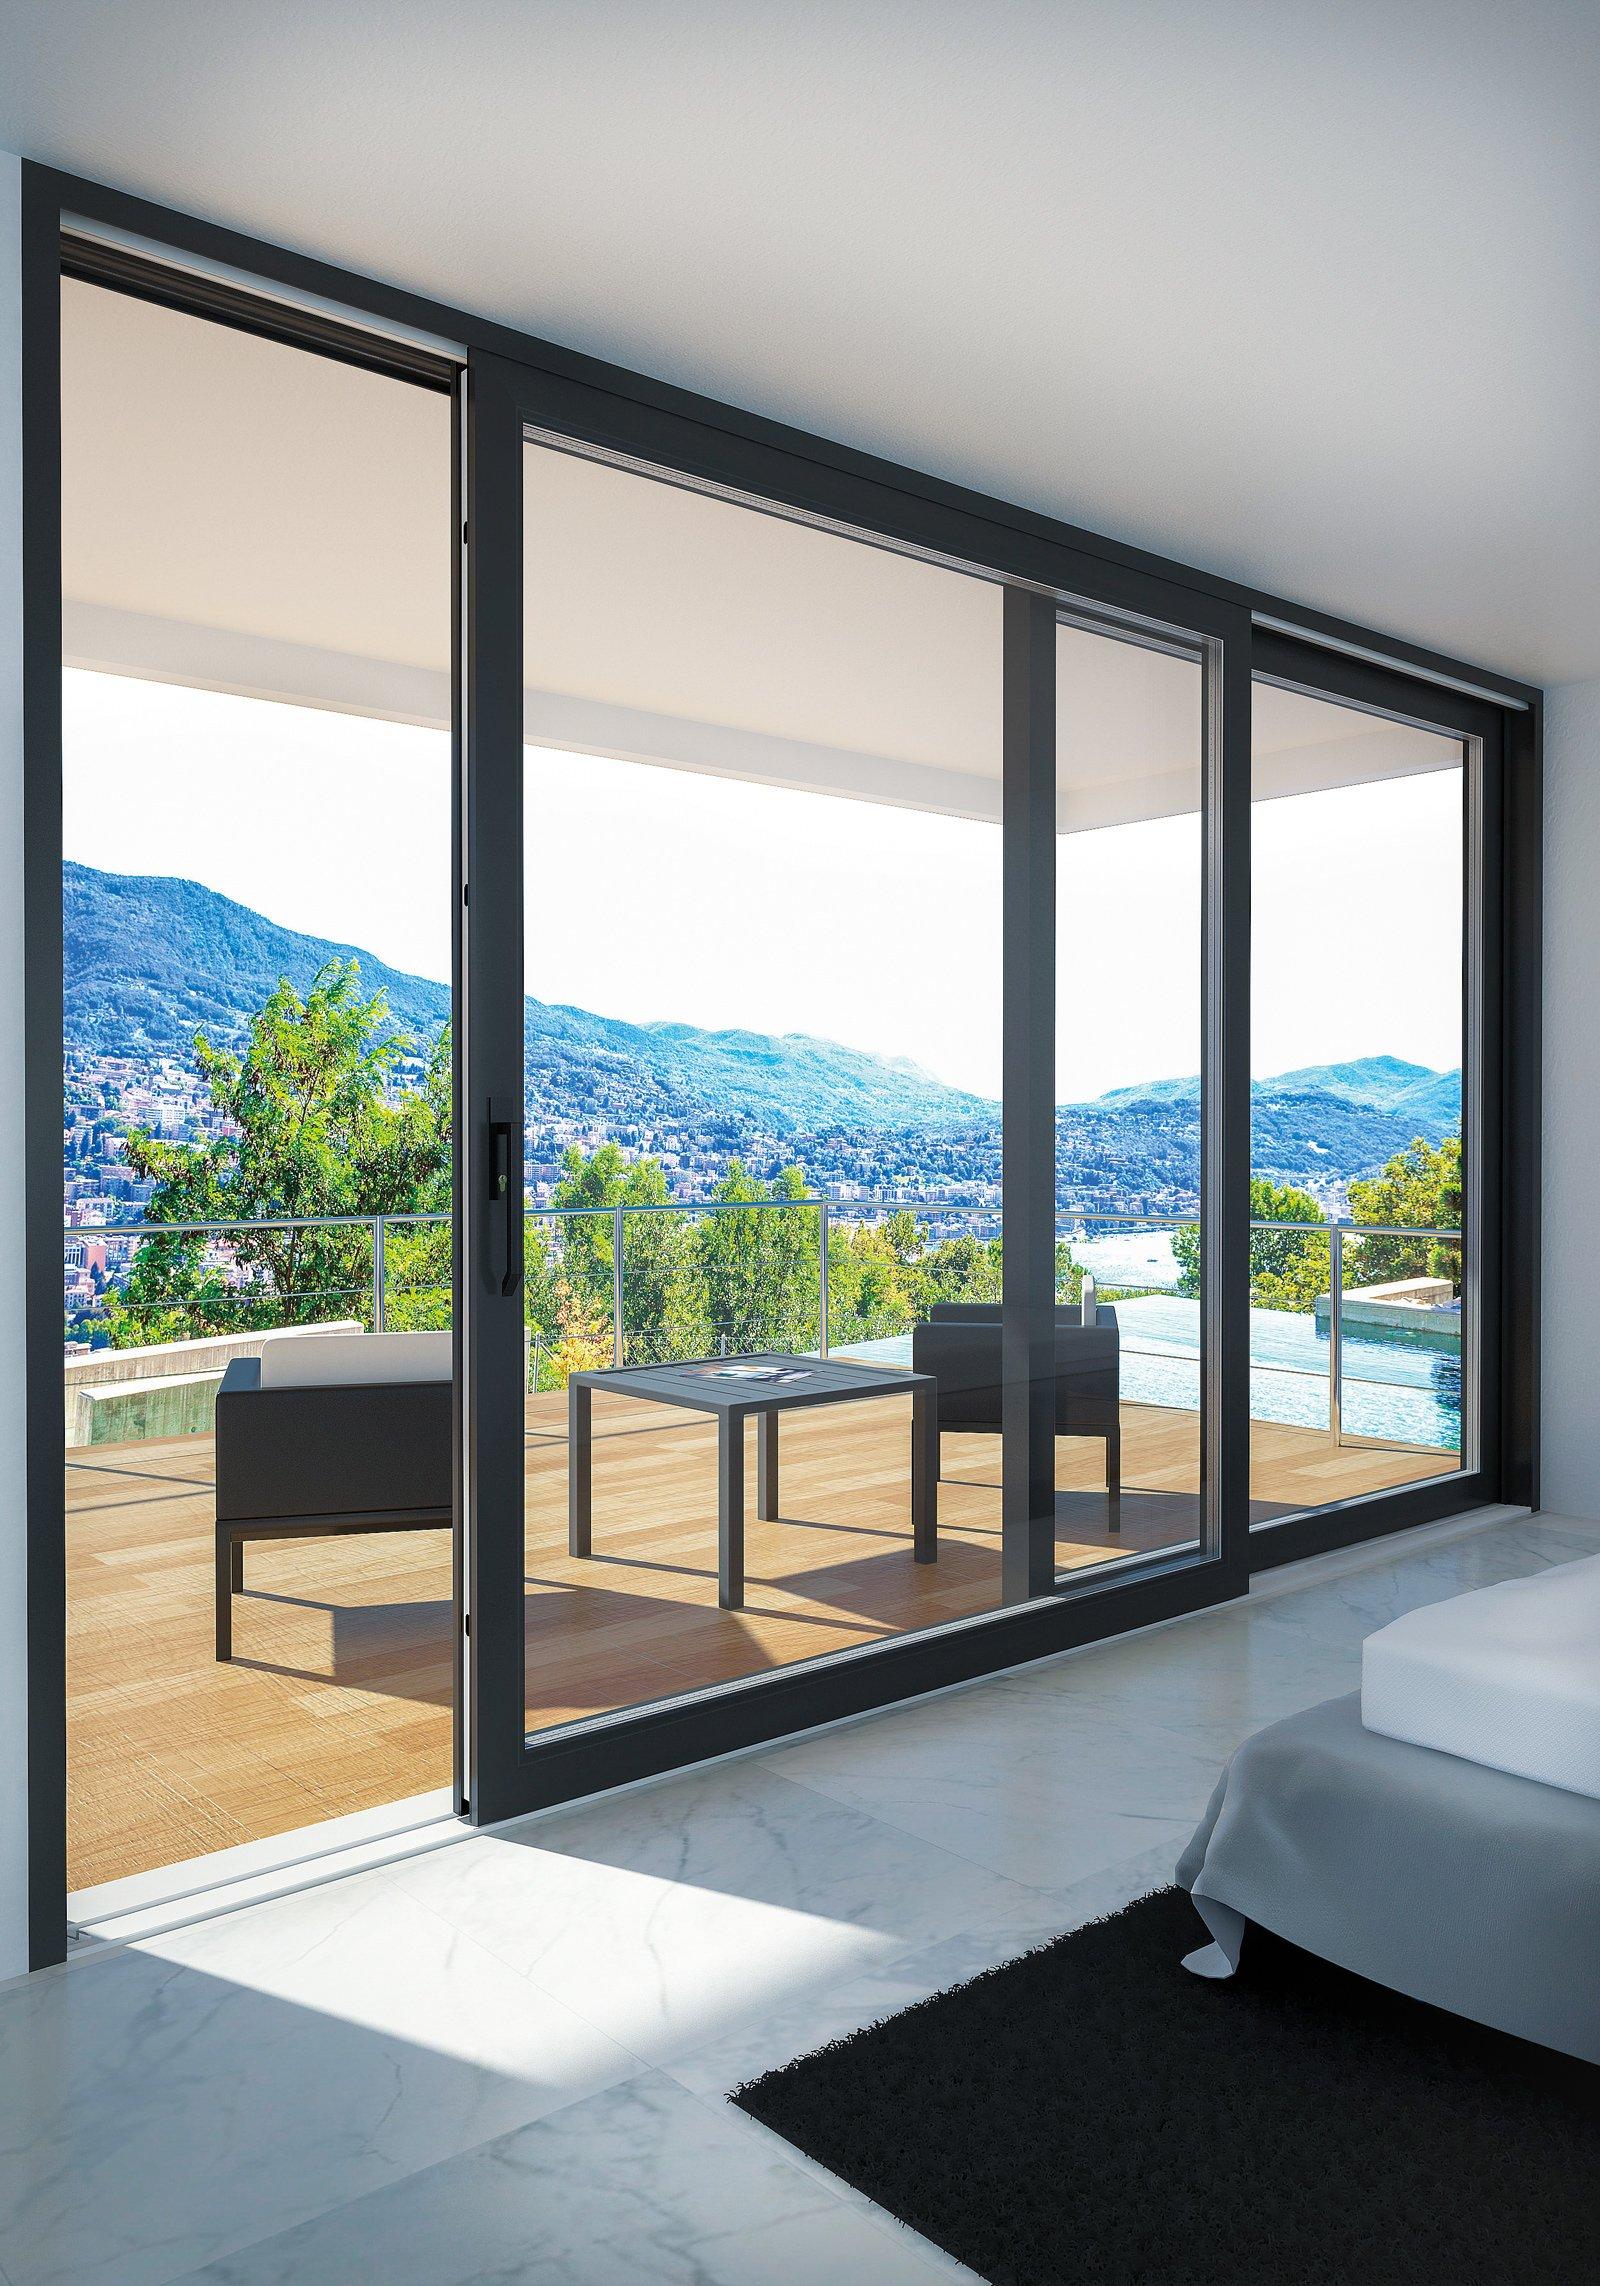 Portefinestre scorrevoli le performance di alzanti e traslanti cose di casa - Altezza parapetto finestra ...